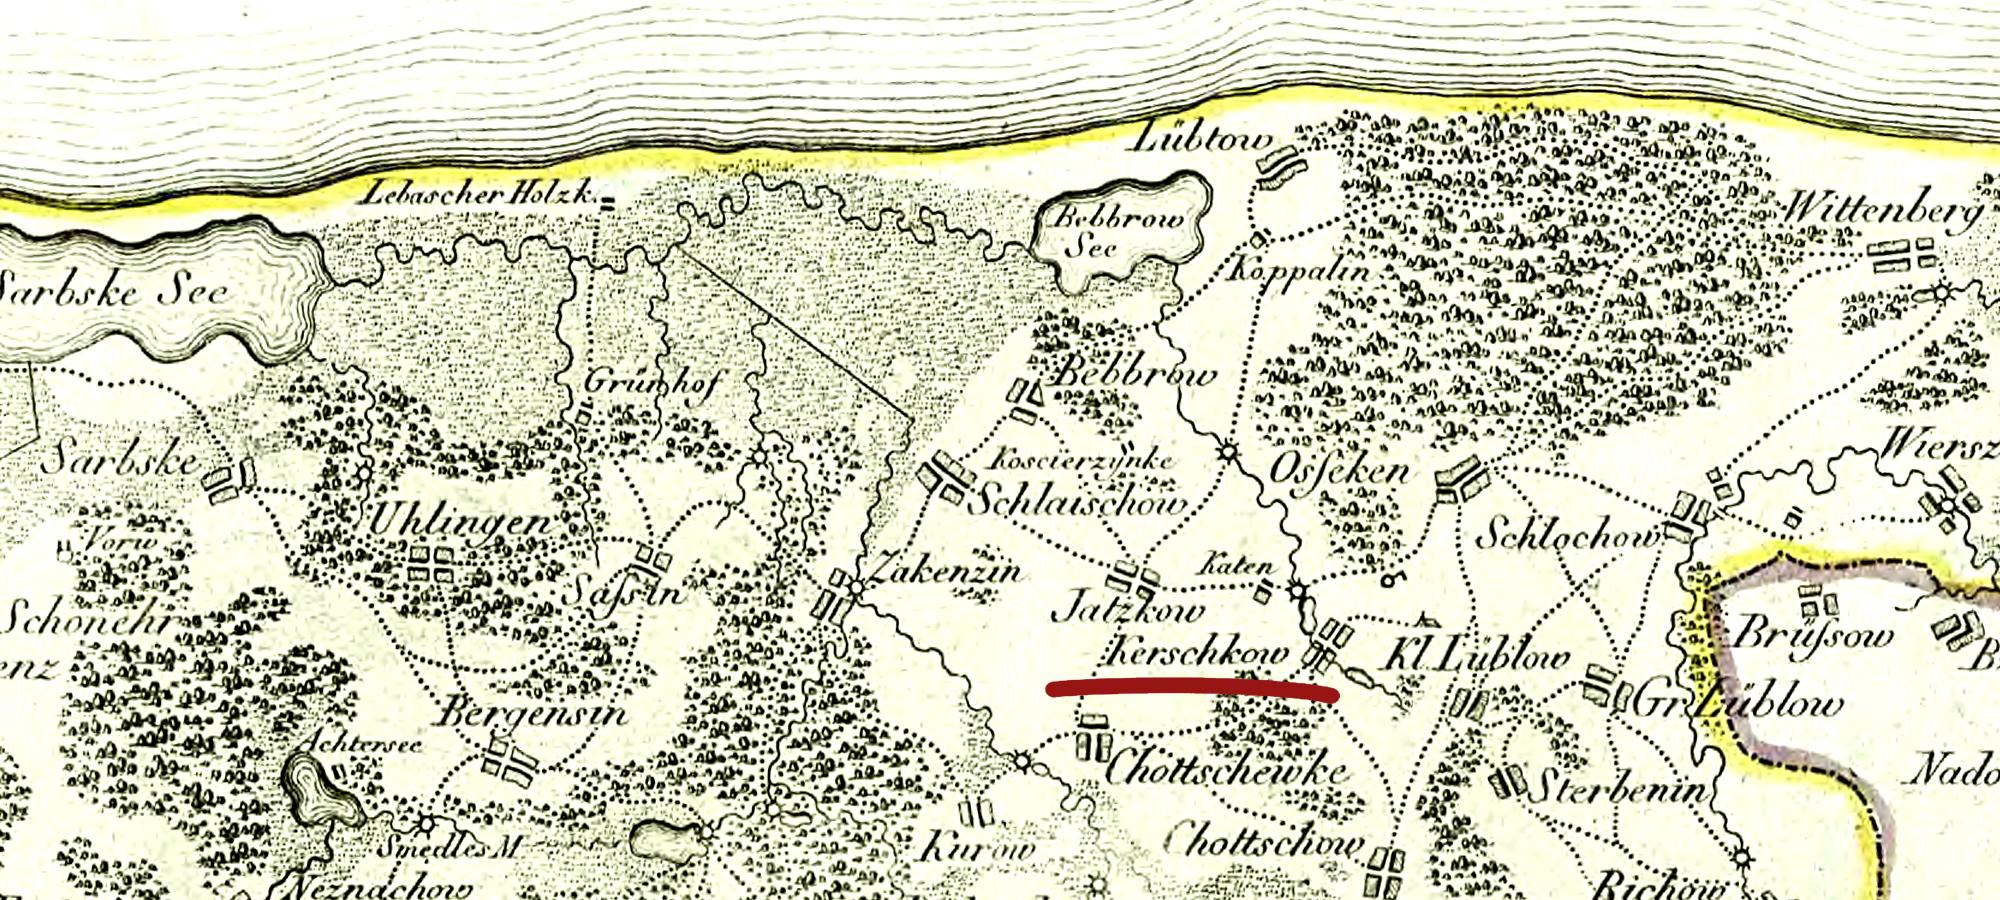 Kierzkowo i okolice - mapa z XVII w.